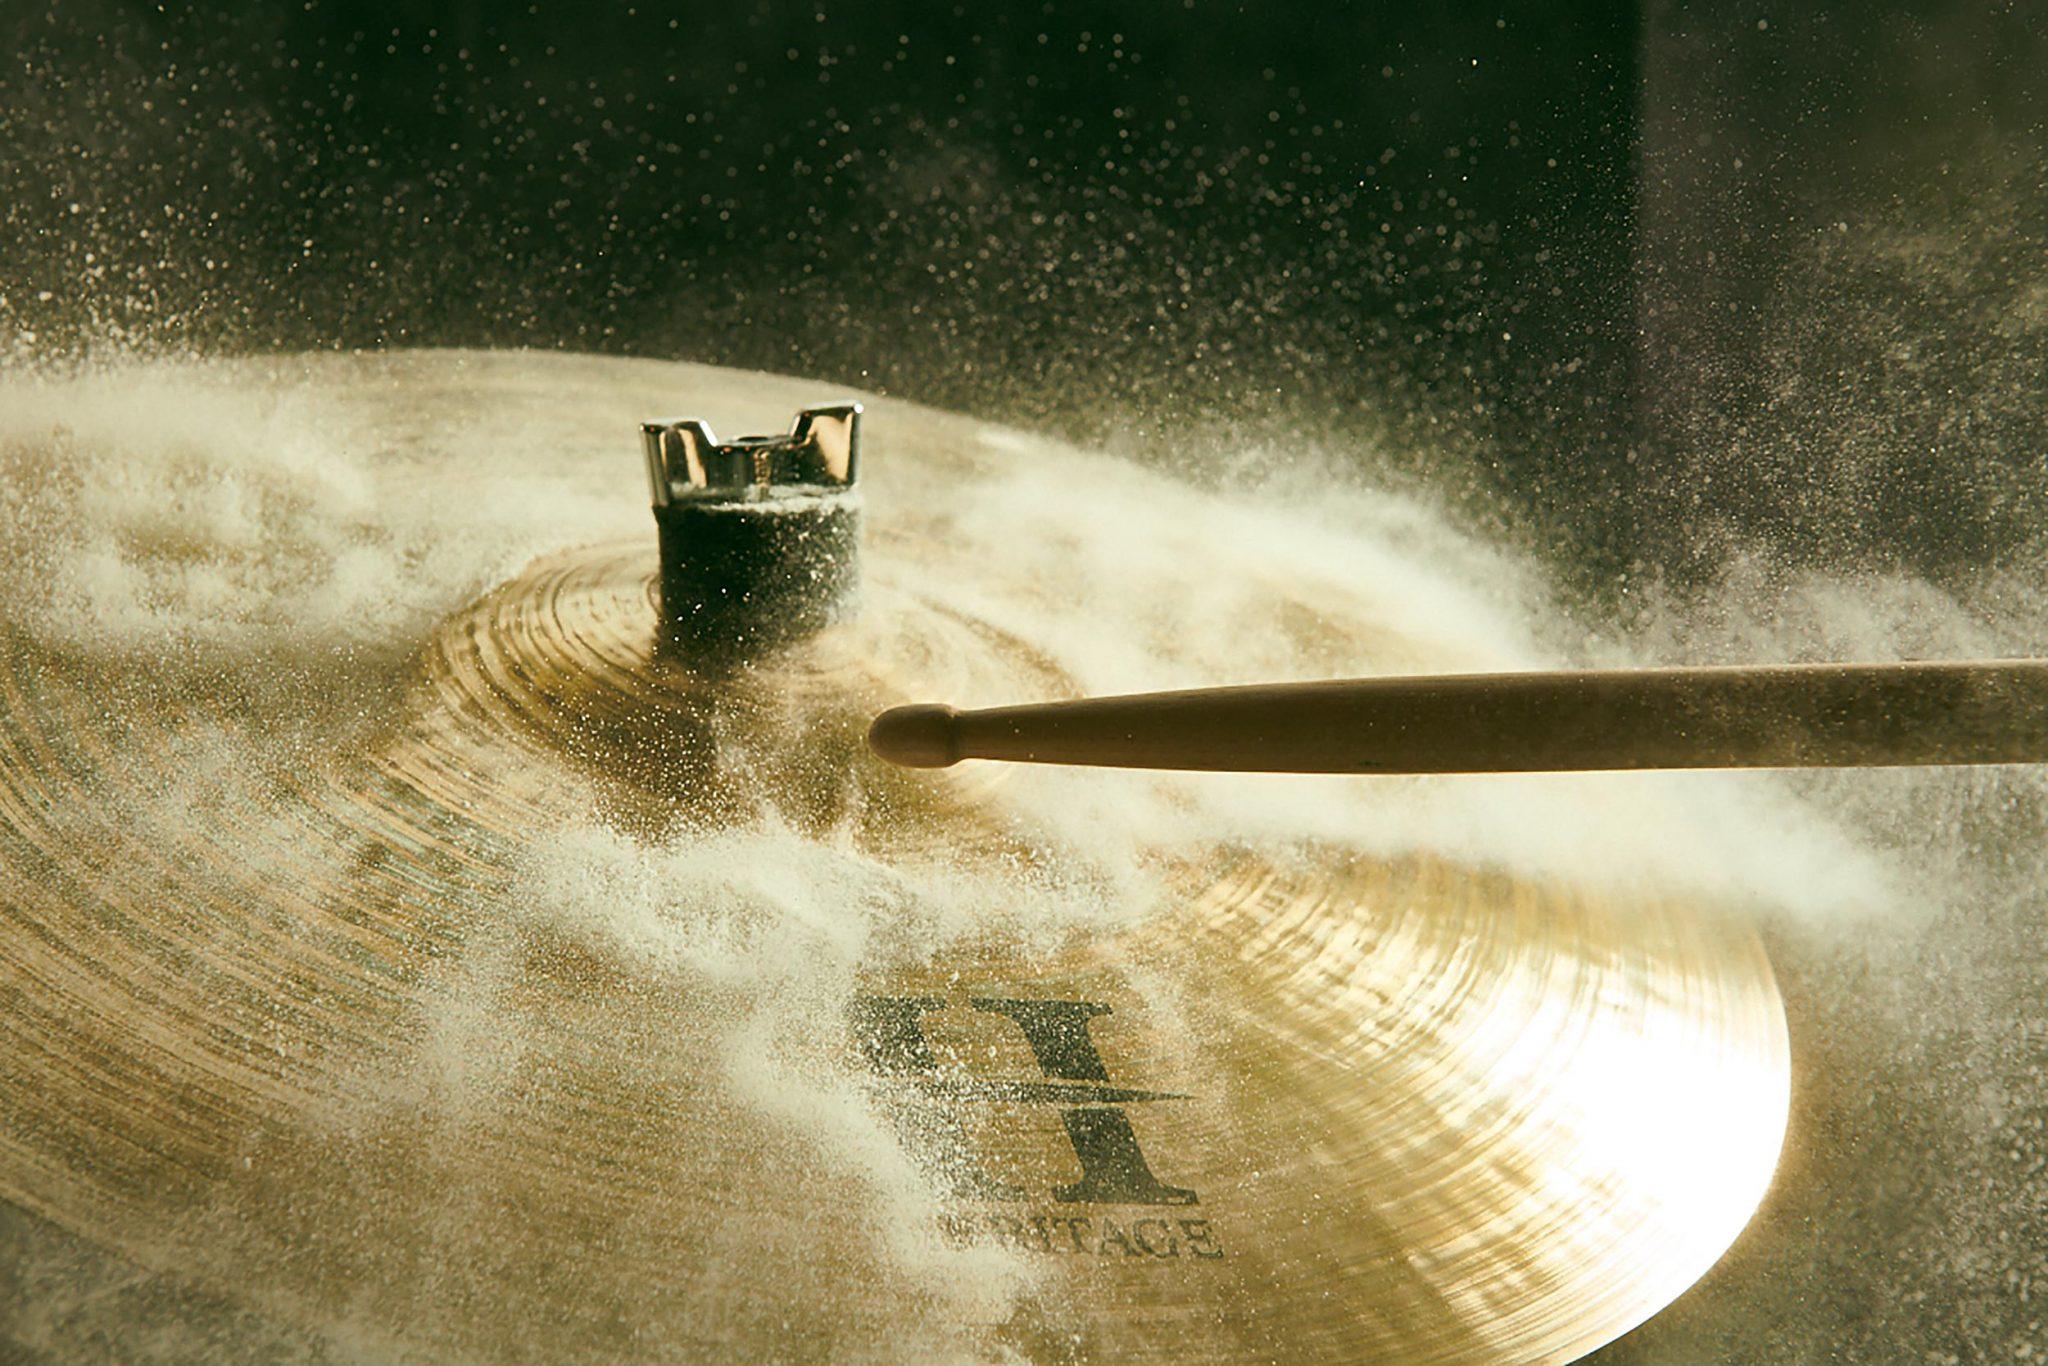 005-drumdust-5540